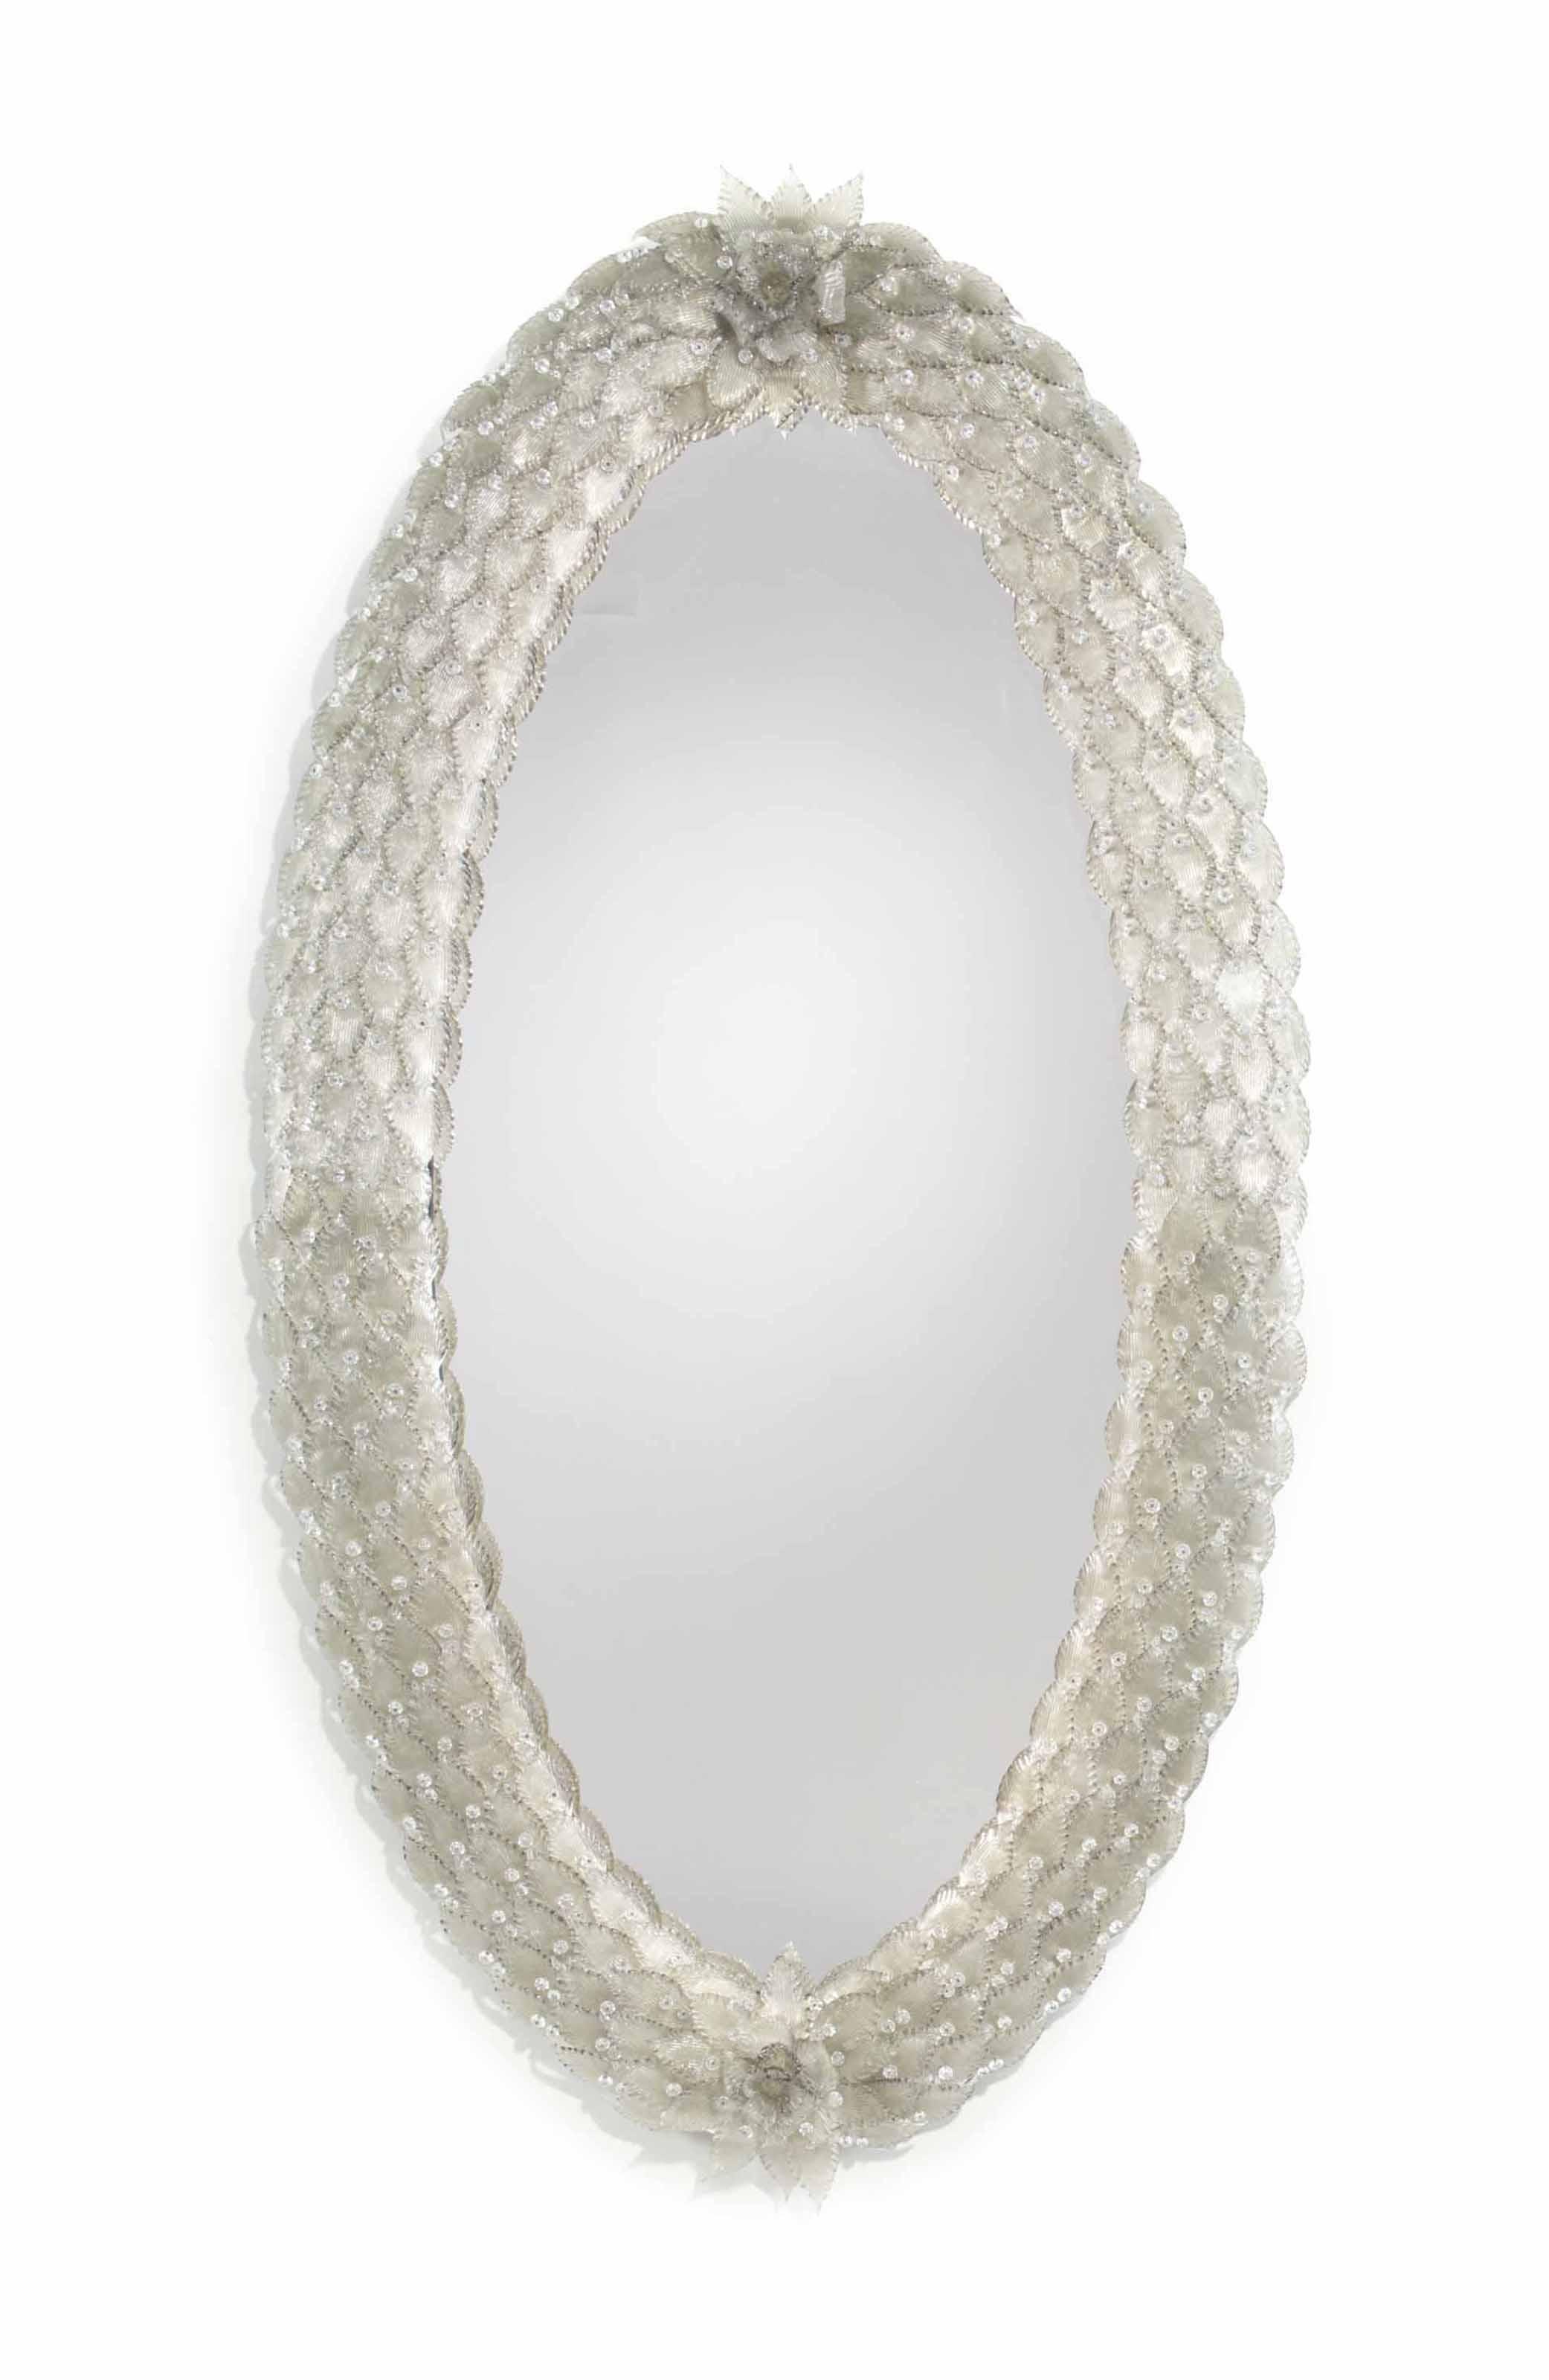 A Venetian Murano Glass Mirror 20th Century Furniture Lighting Mirrors Christie S